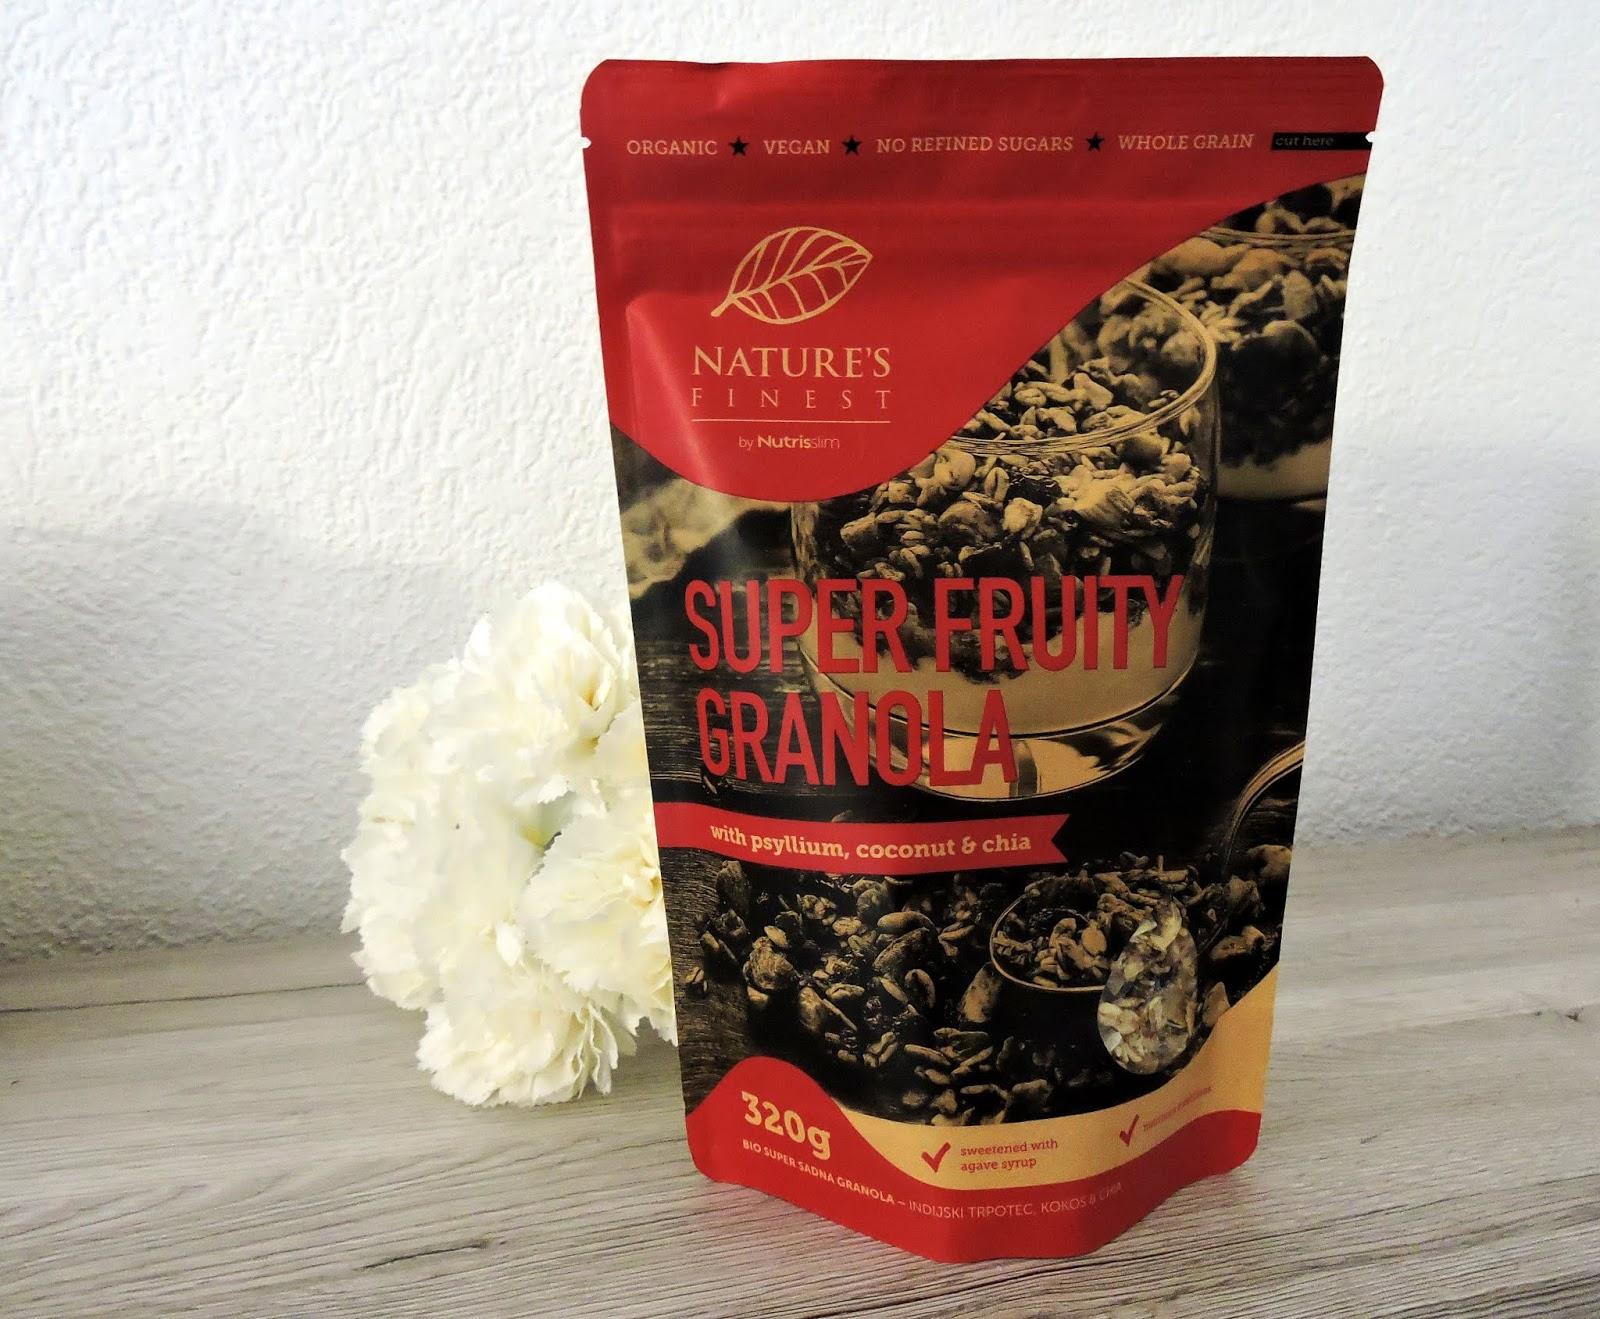 Superfruity Granola Nutrisslim biobox février 2019